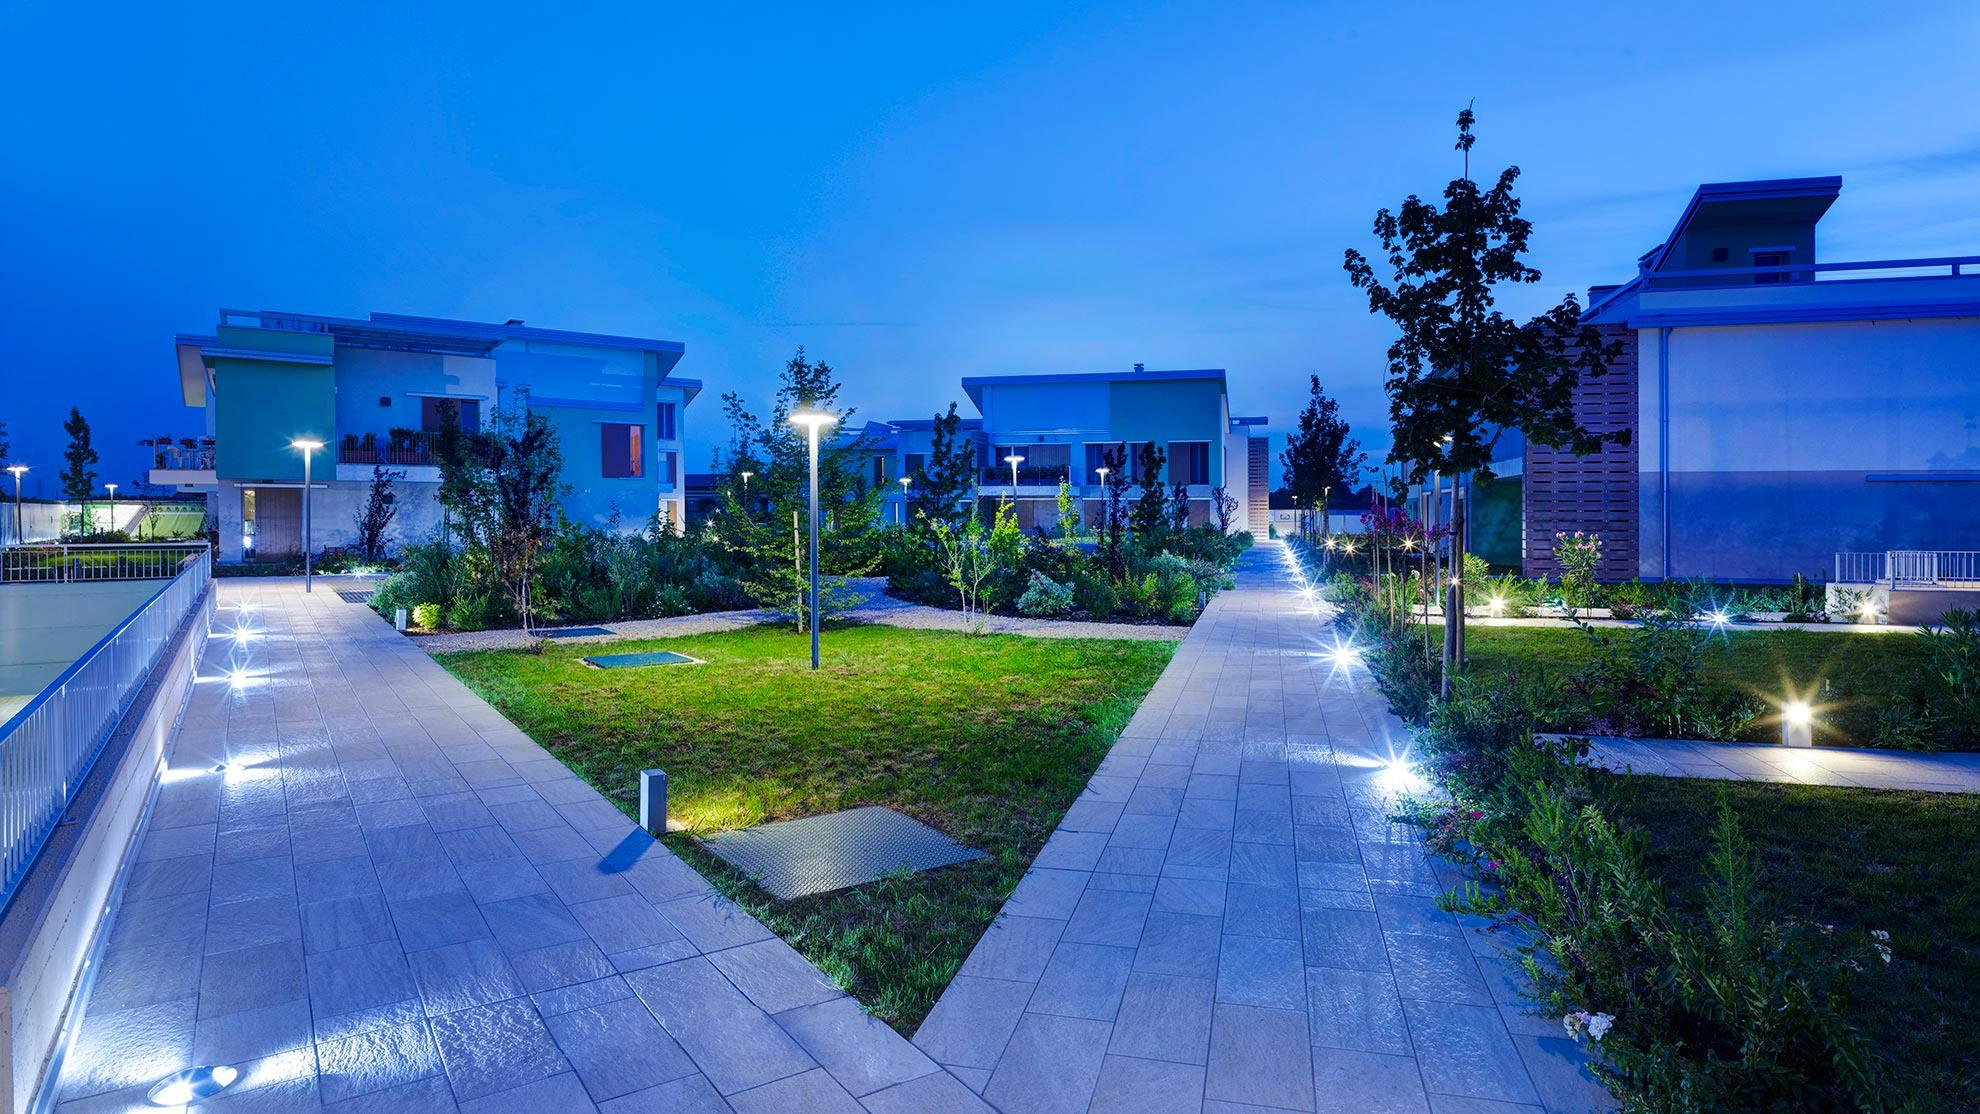 Residence Santa Caterina - Progettazione residenziale